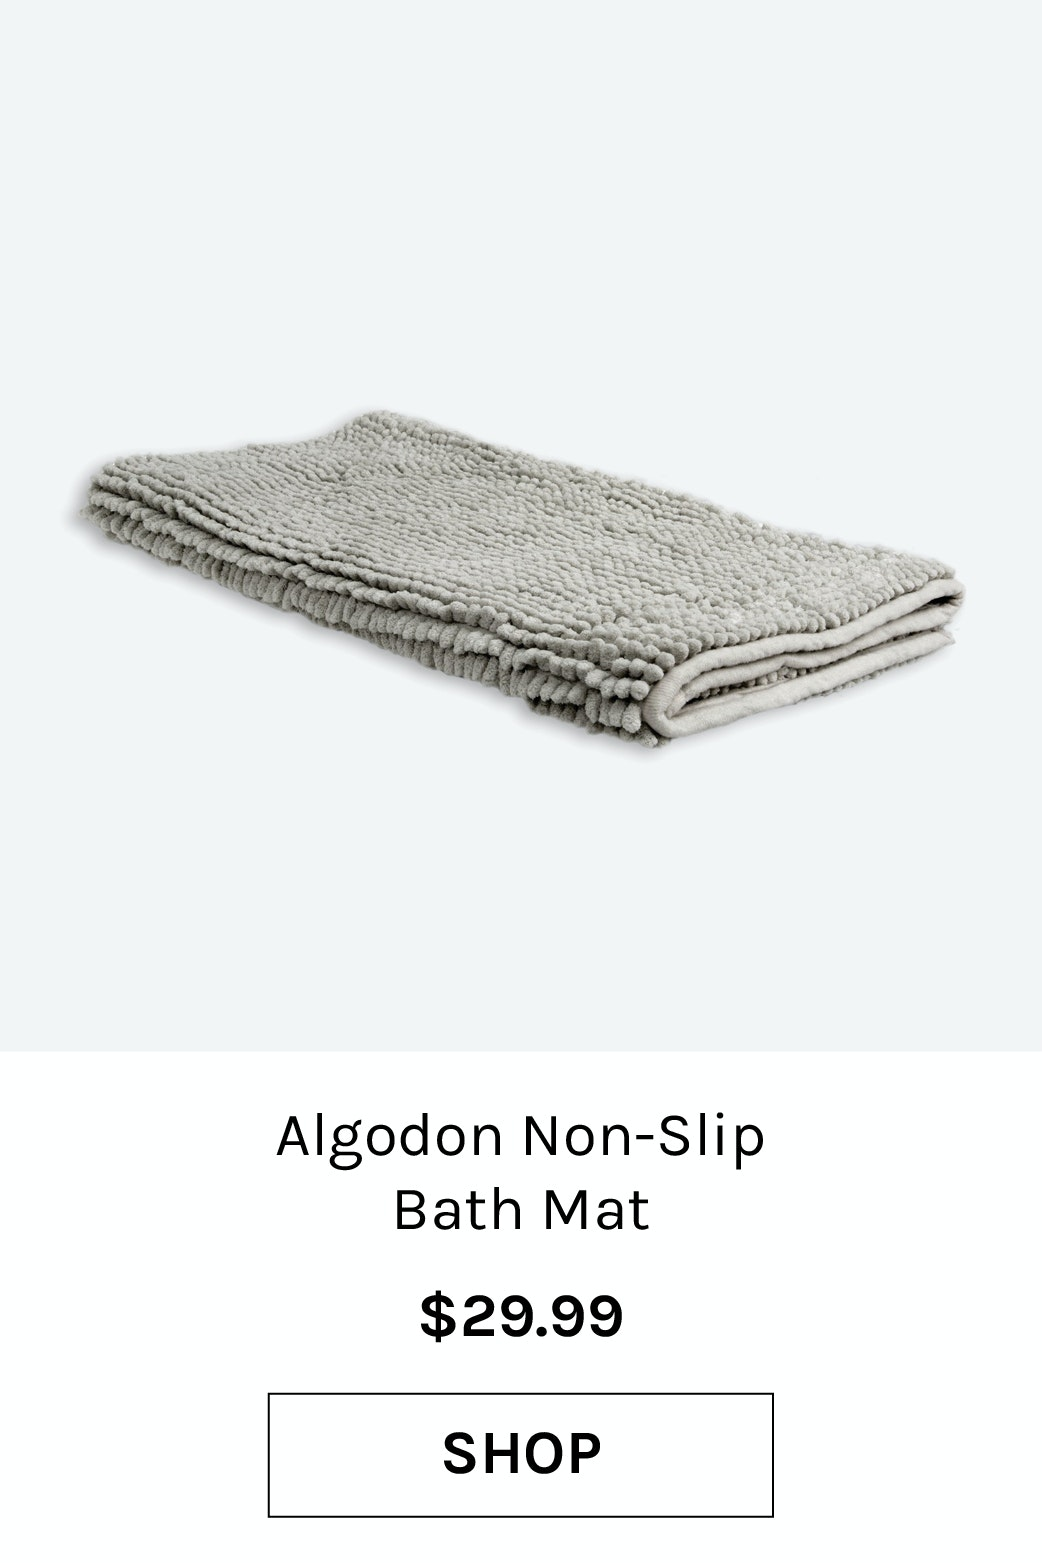 Algodon Bathroom Toggle Non-Slip Bath Mat Silver